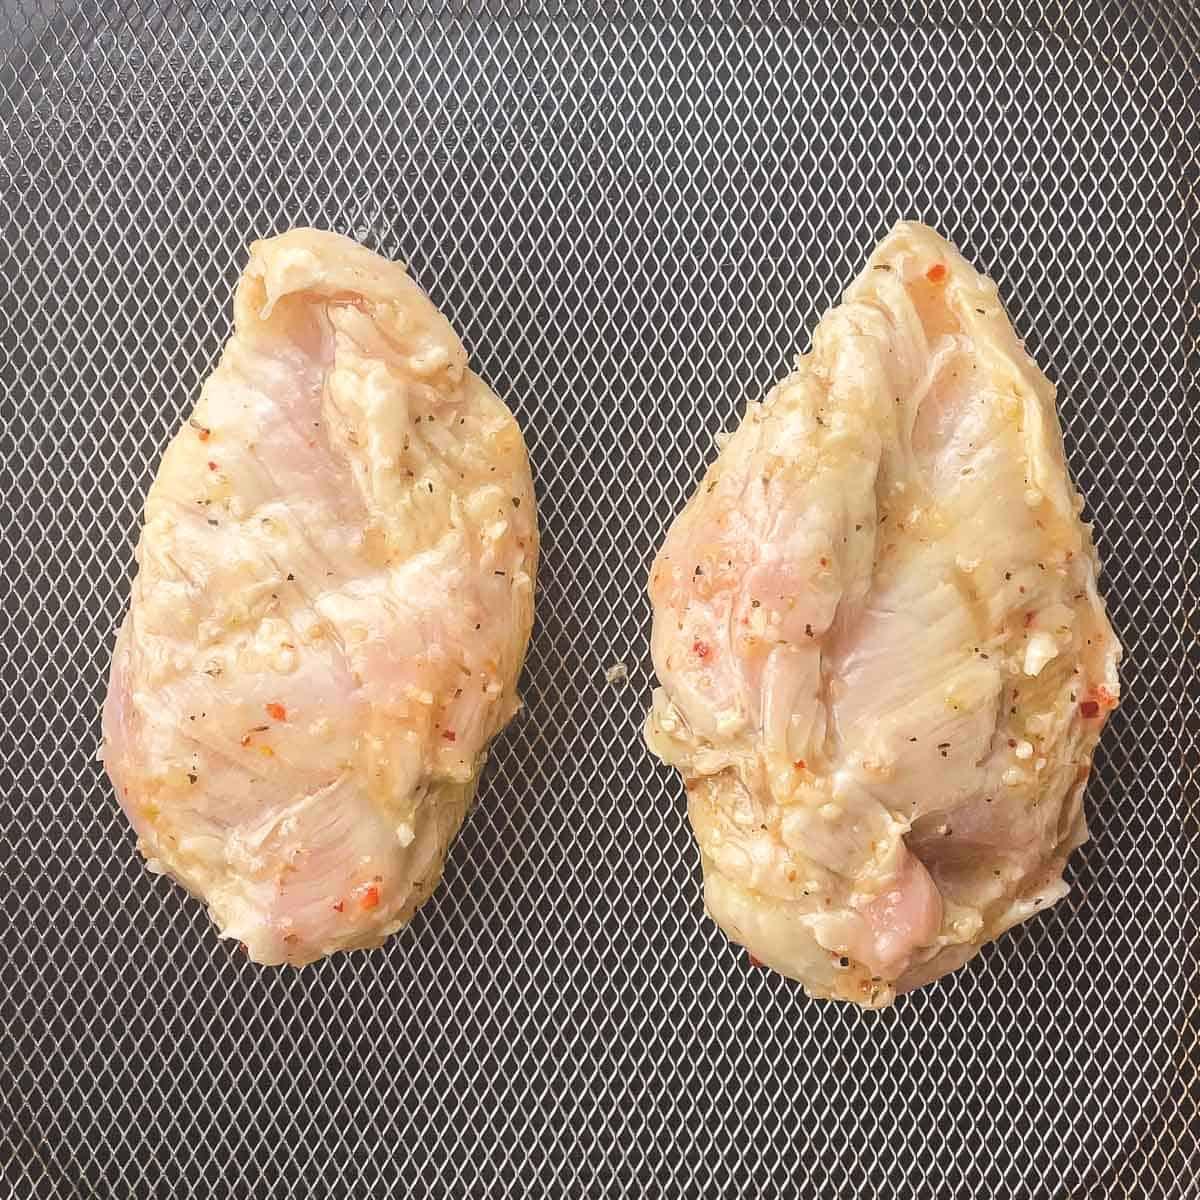 raw chicken breasts in air fryer basket